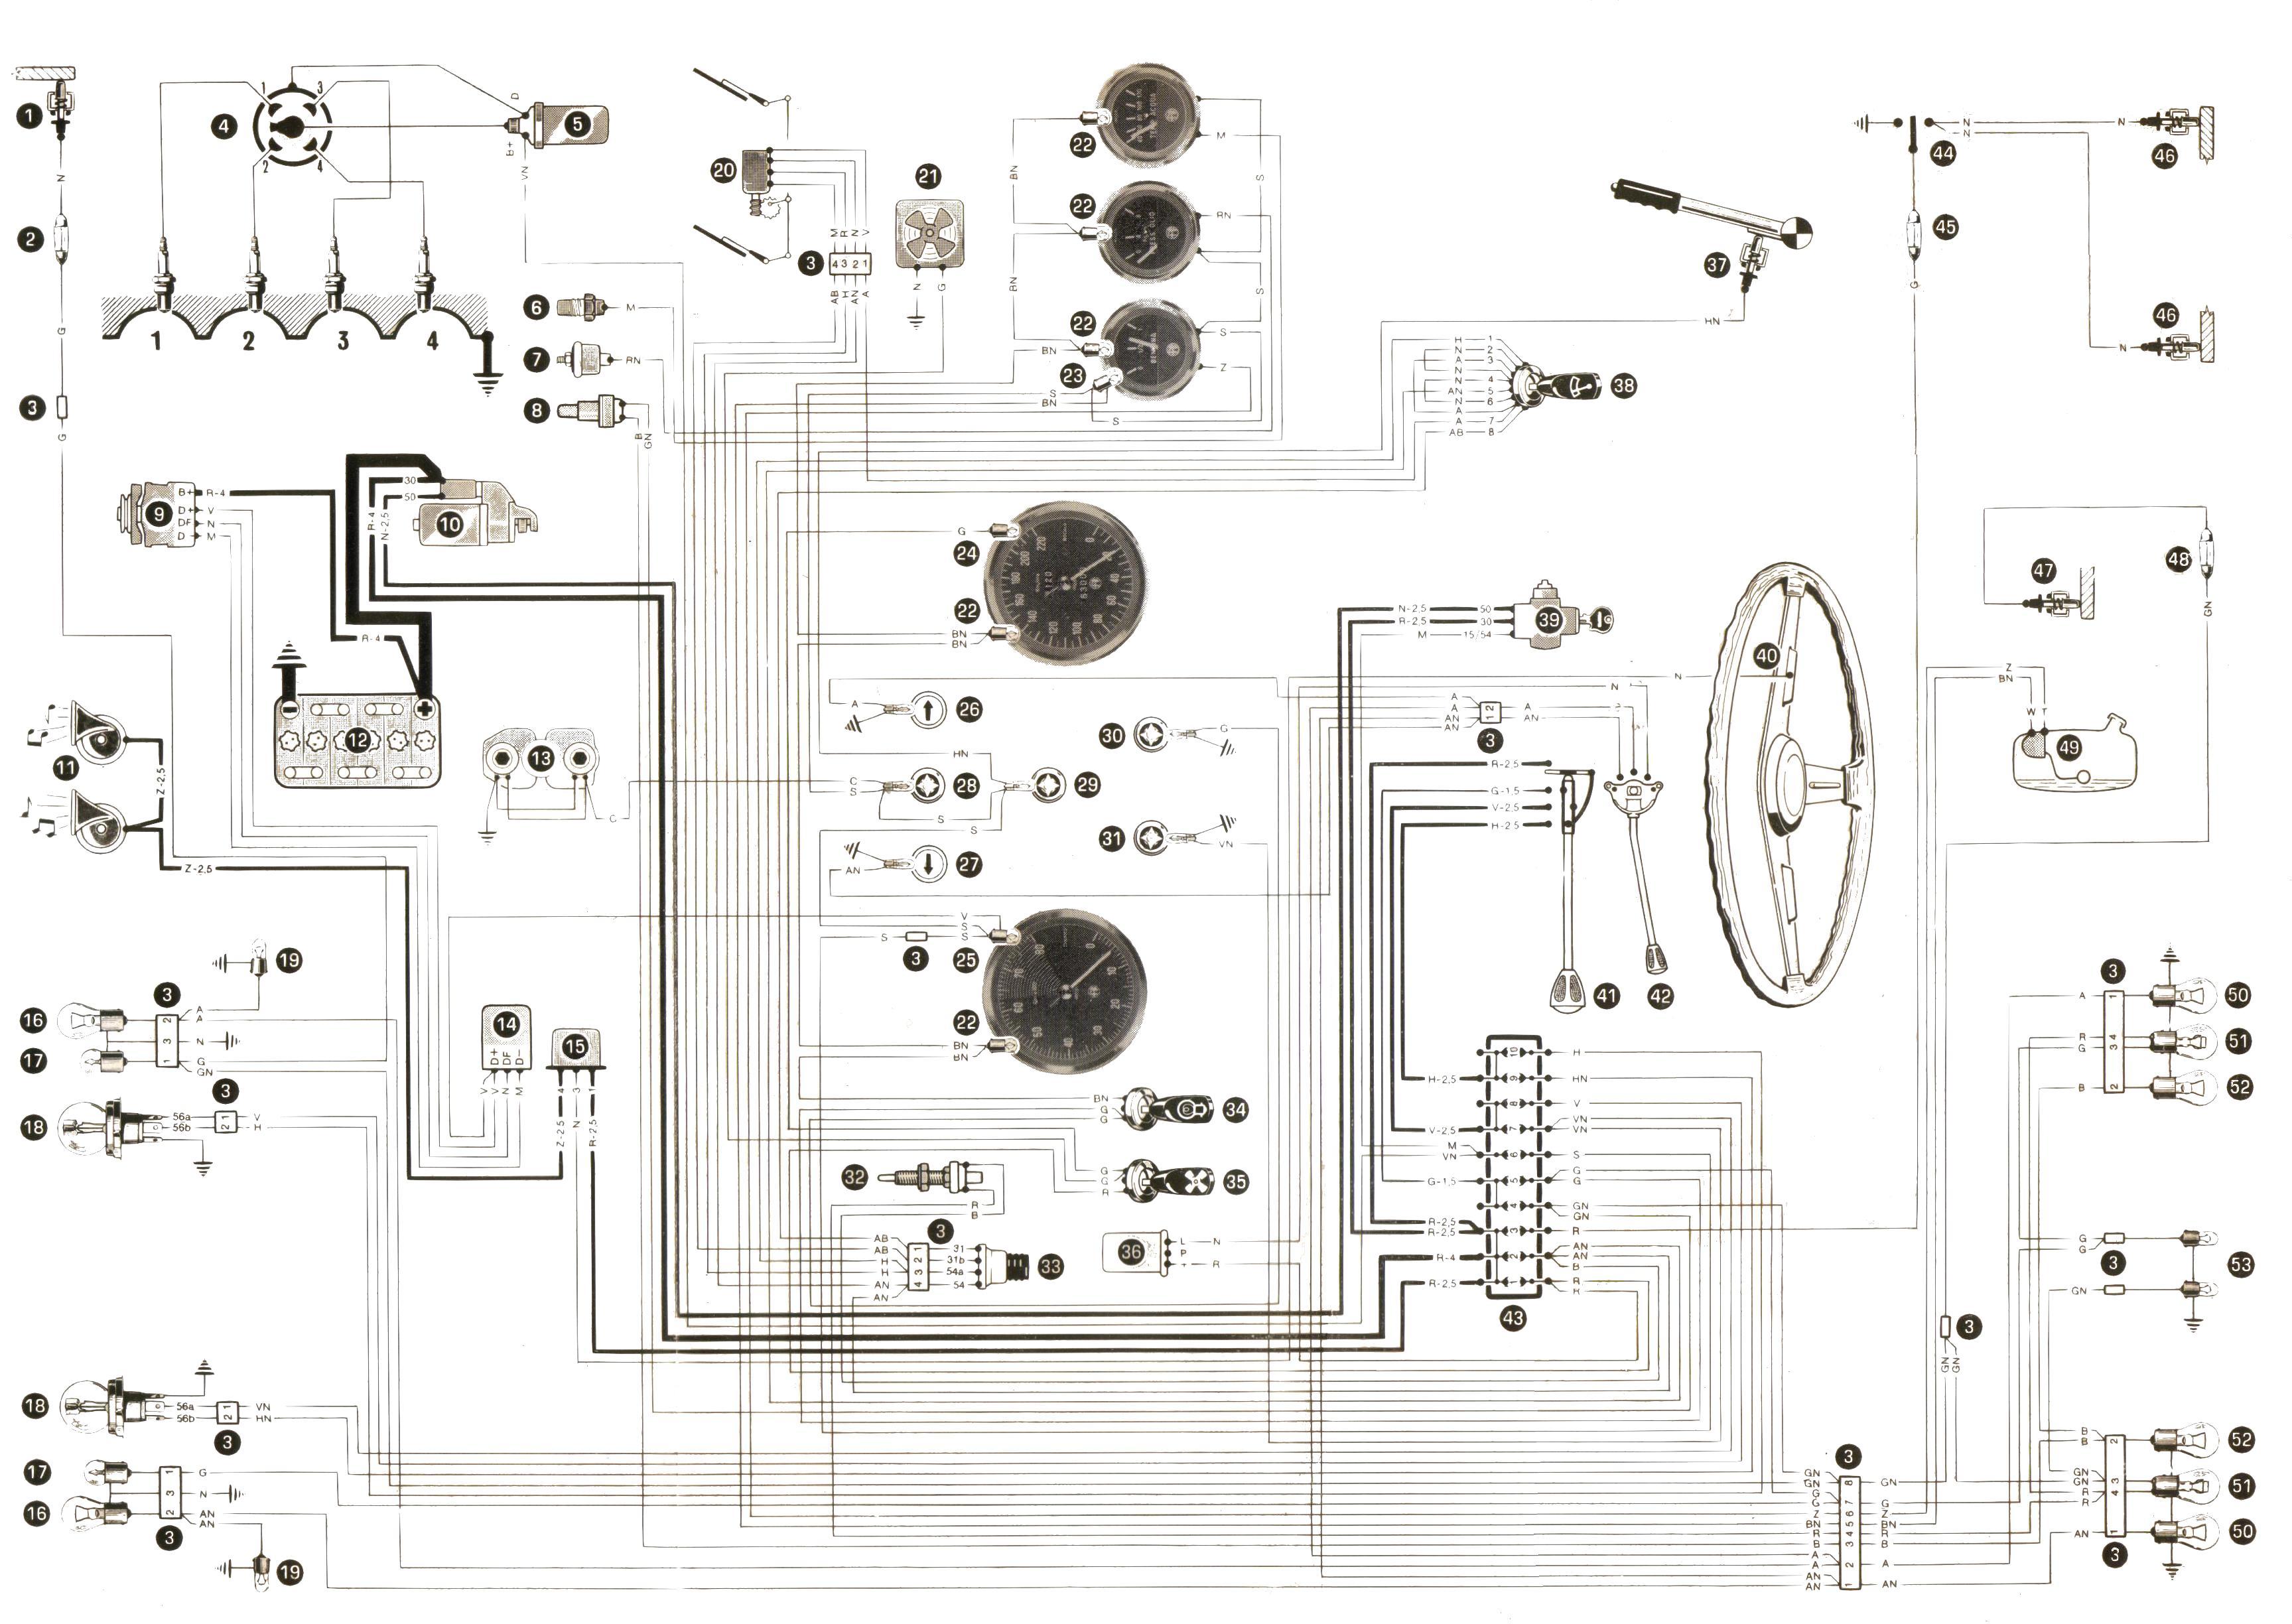 schema elettrico navigatore alfa  schema elettrico rover